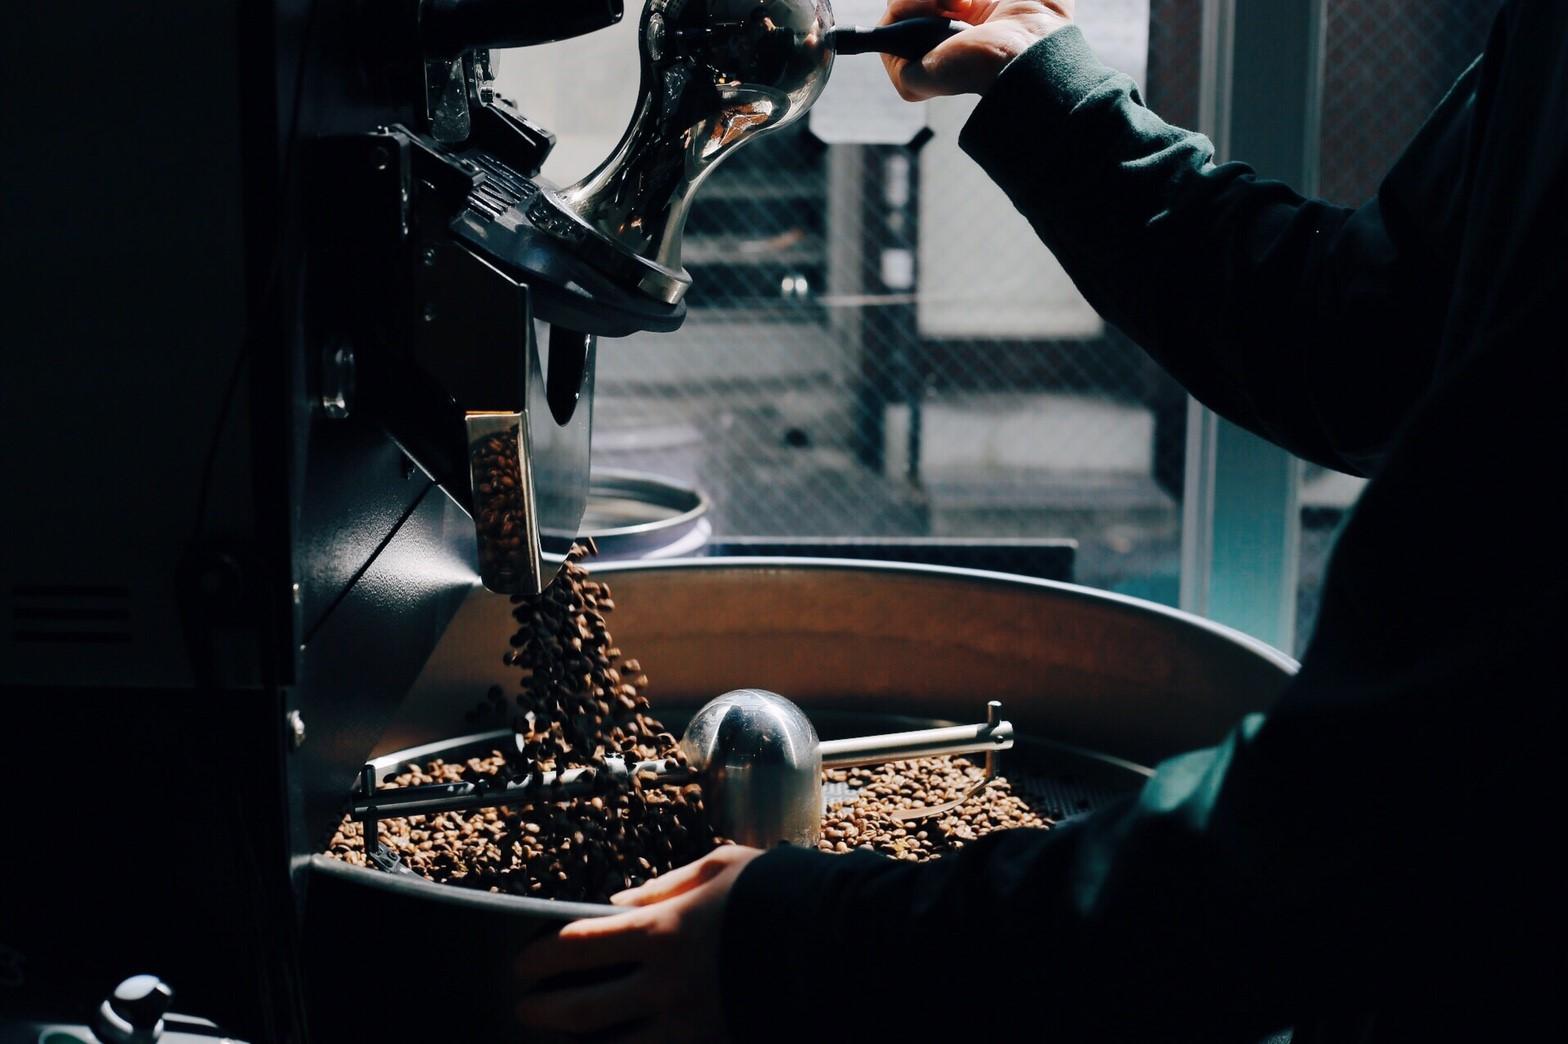 コーヒー豆の卸販売や、独立開業のお手伝い